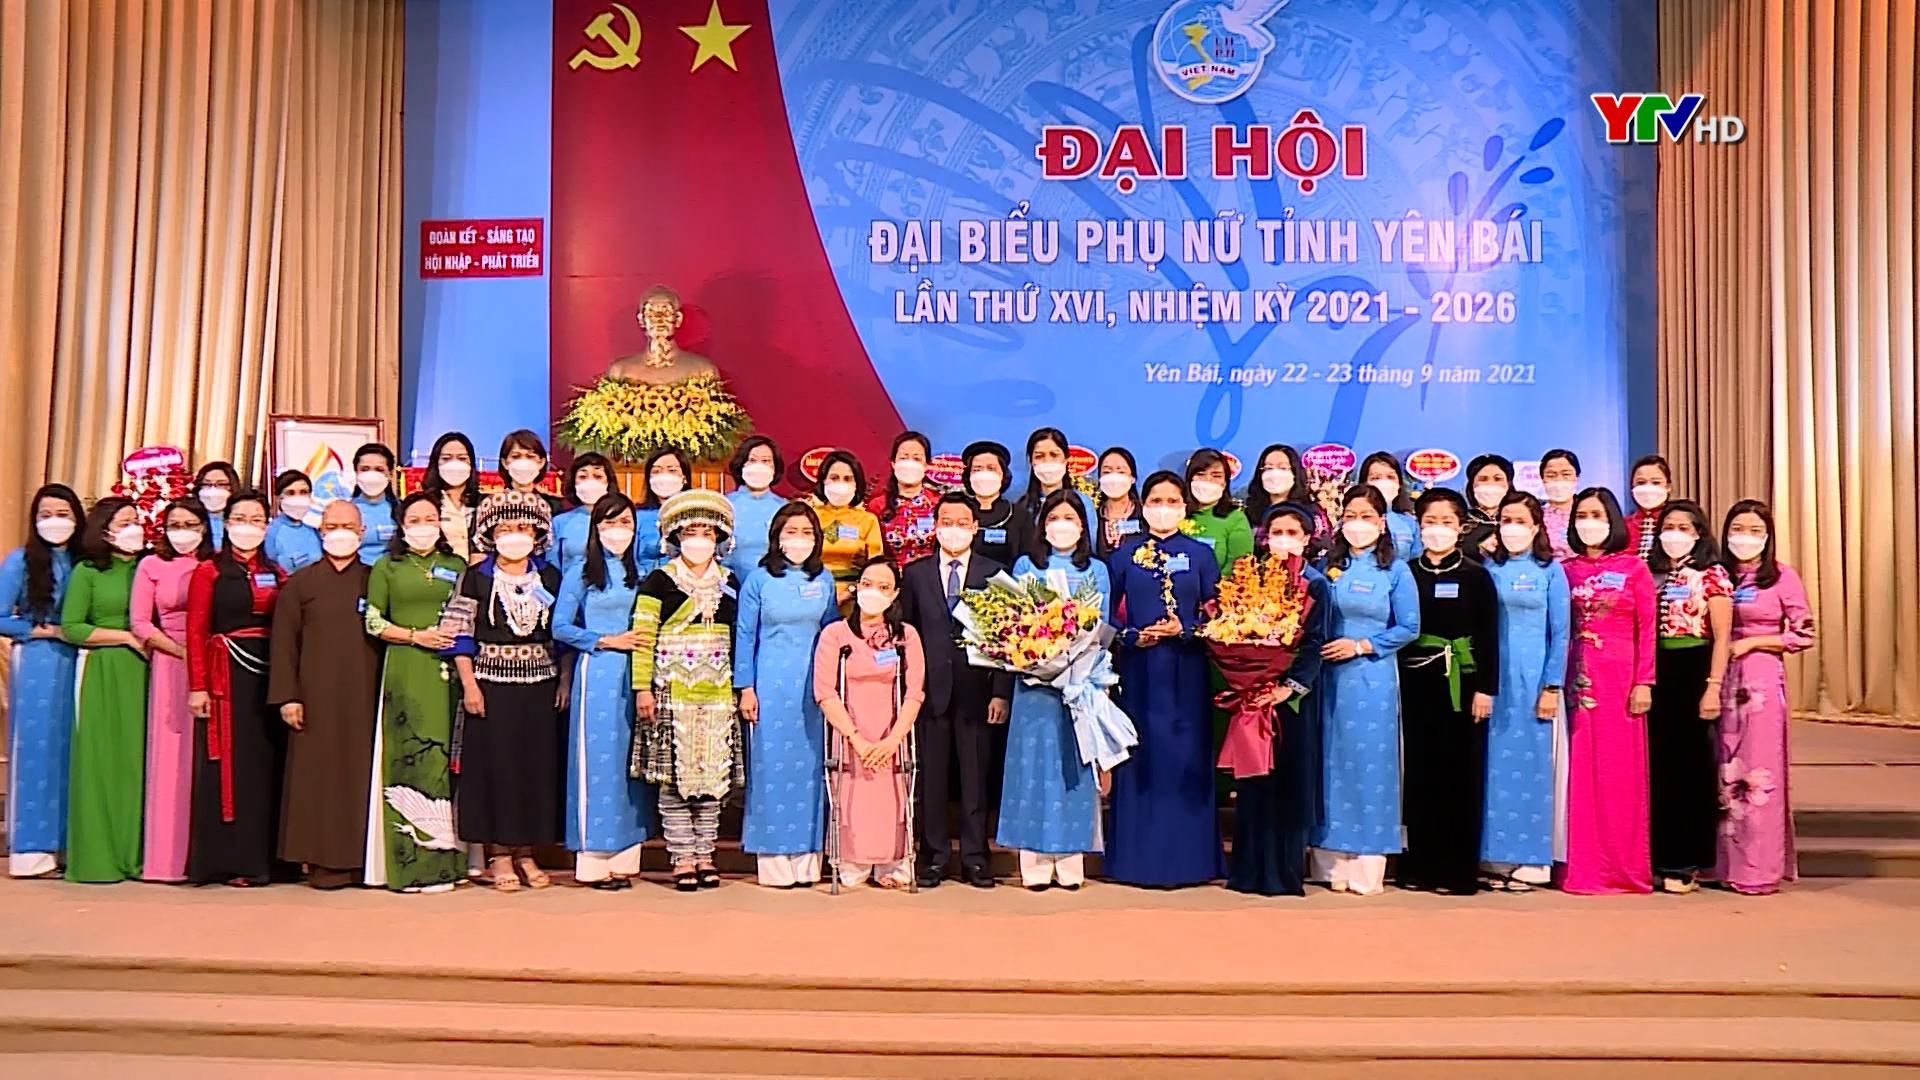 Đại hội đại biểu Phụ nữ tỉnh Yên Bái lần thứ XVI, nhiệm kỳ 2021-2026